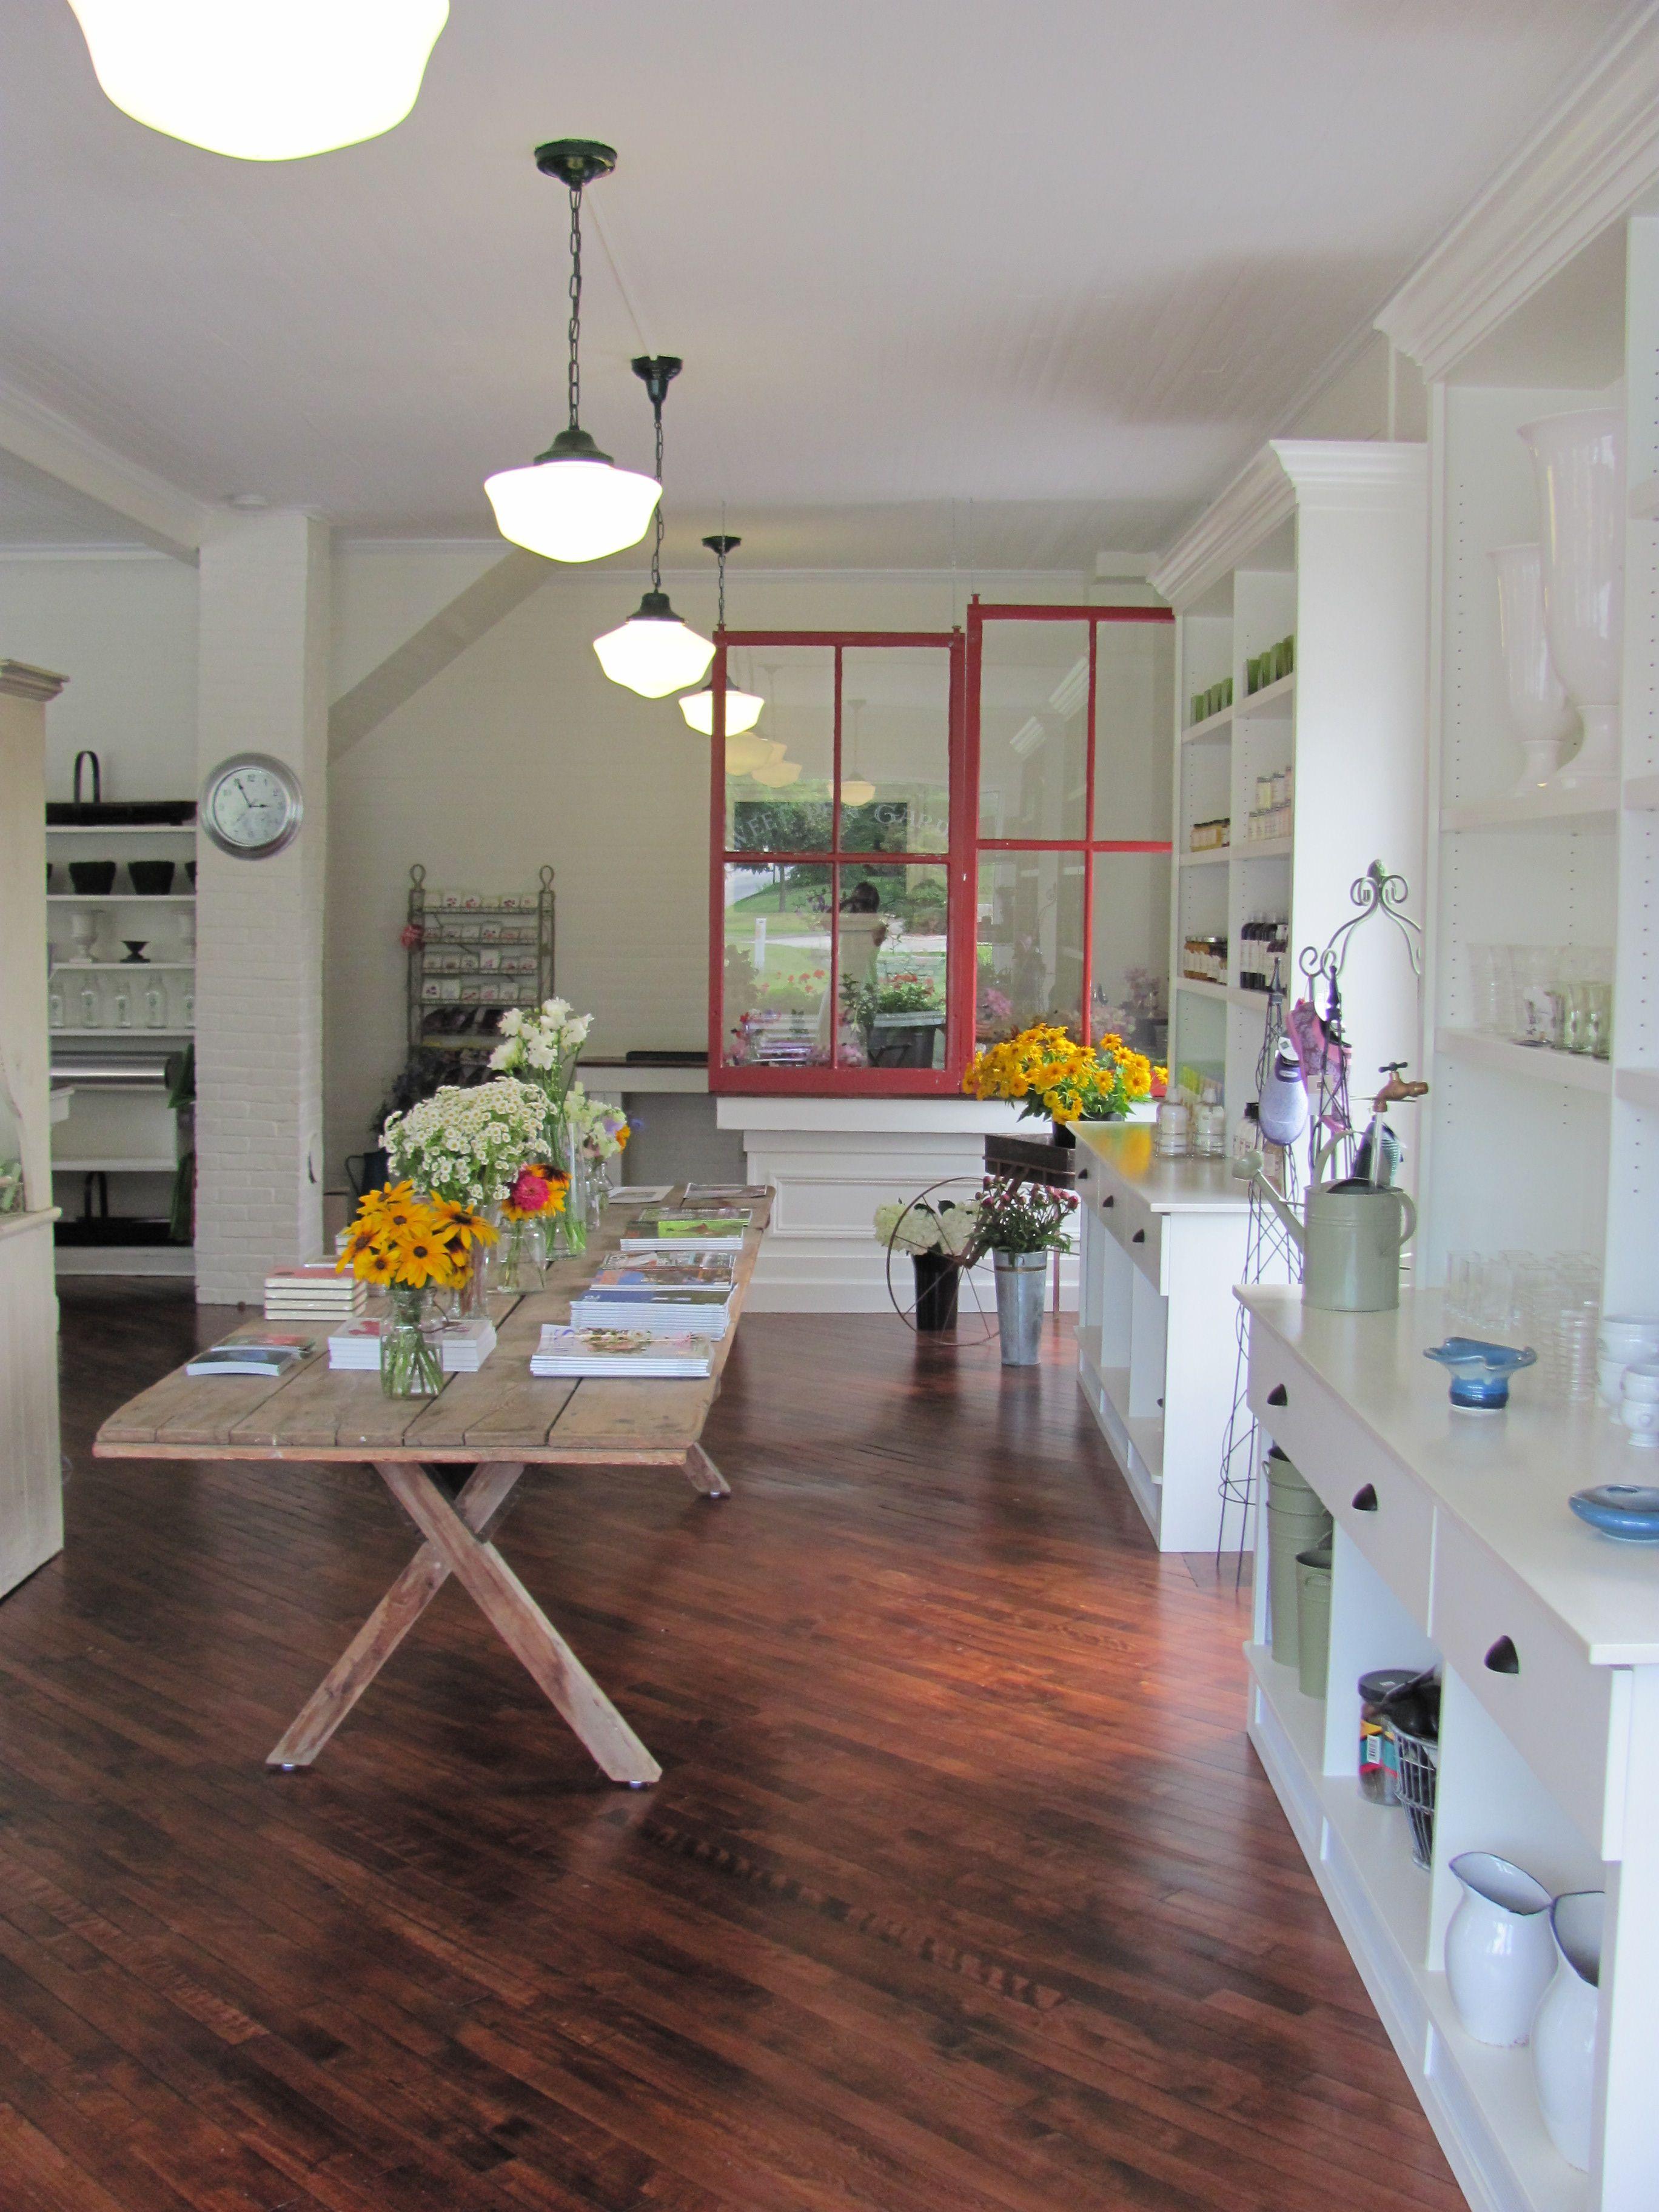 Craigslist Maine Free Furniture